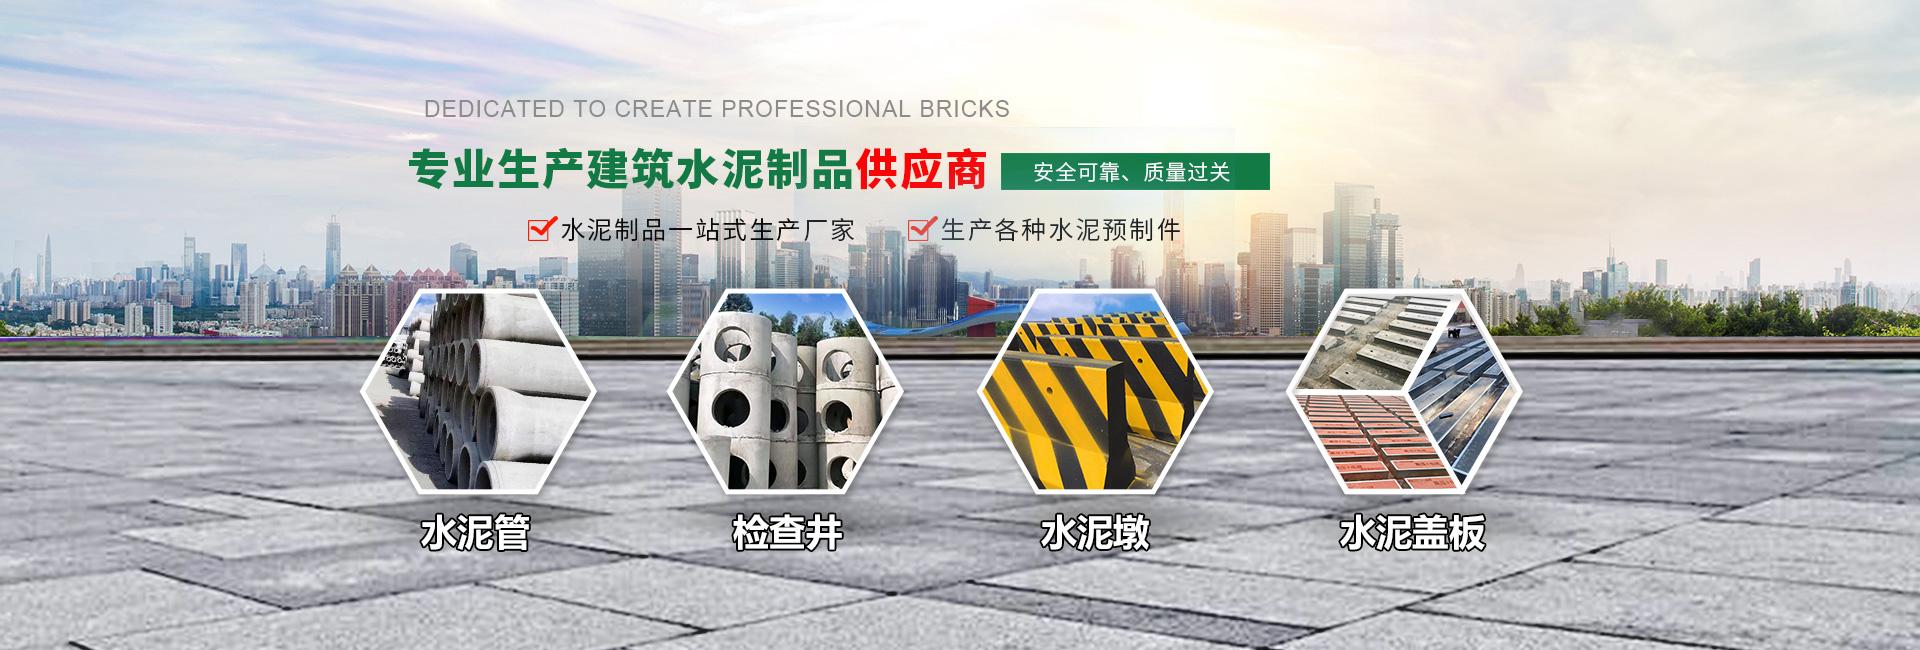 广州中领建材有限公司的主打产品有热博欧洲杯管、混凝土冠亚rb88|下载、热博欧洲杯墩等